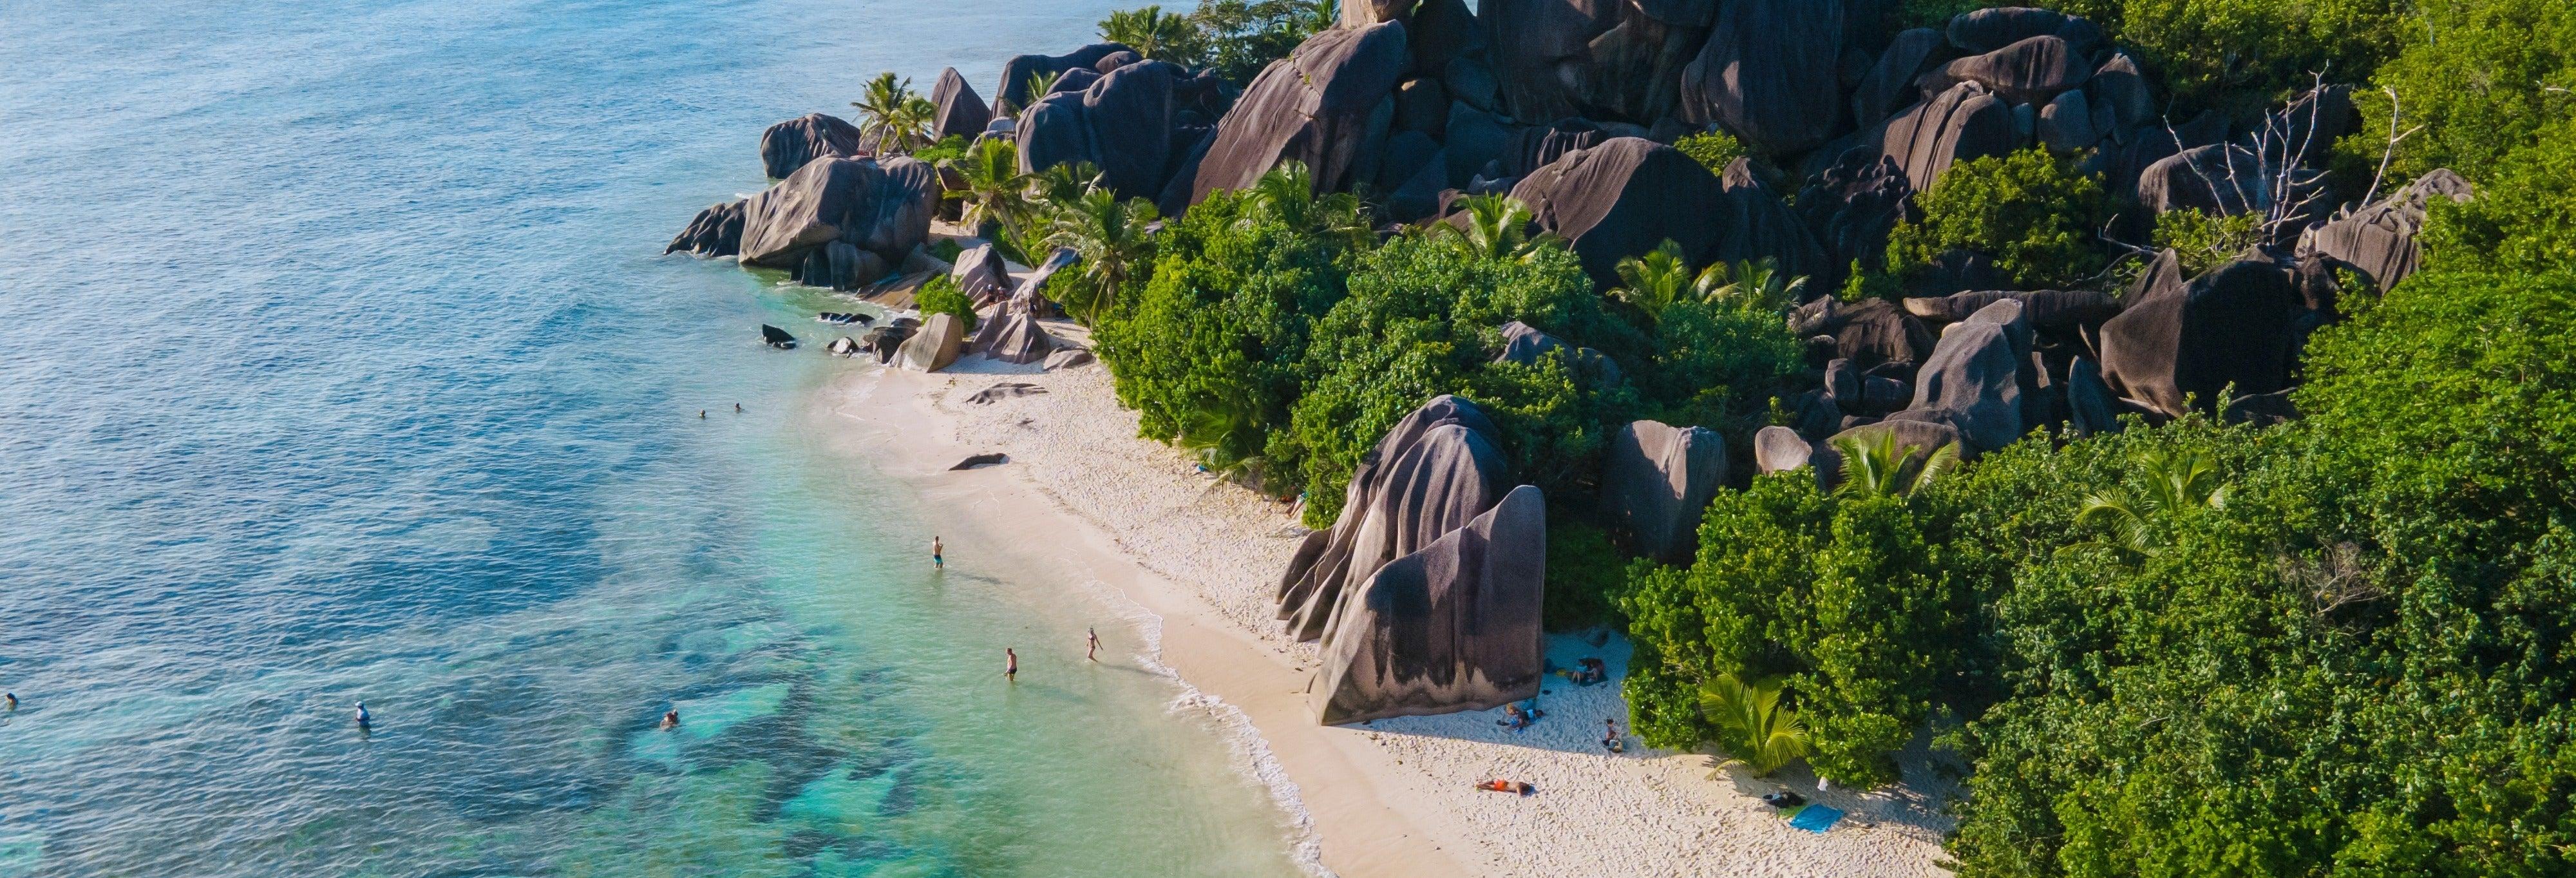 Excursion sur l'île de La Digue